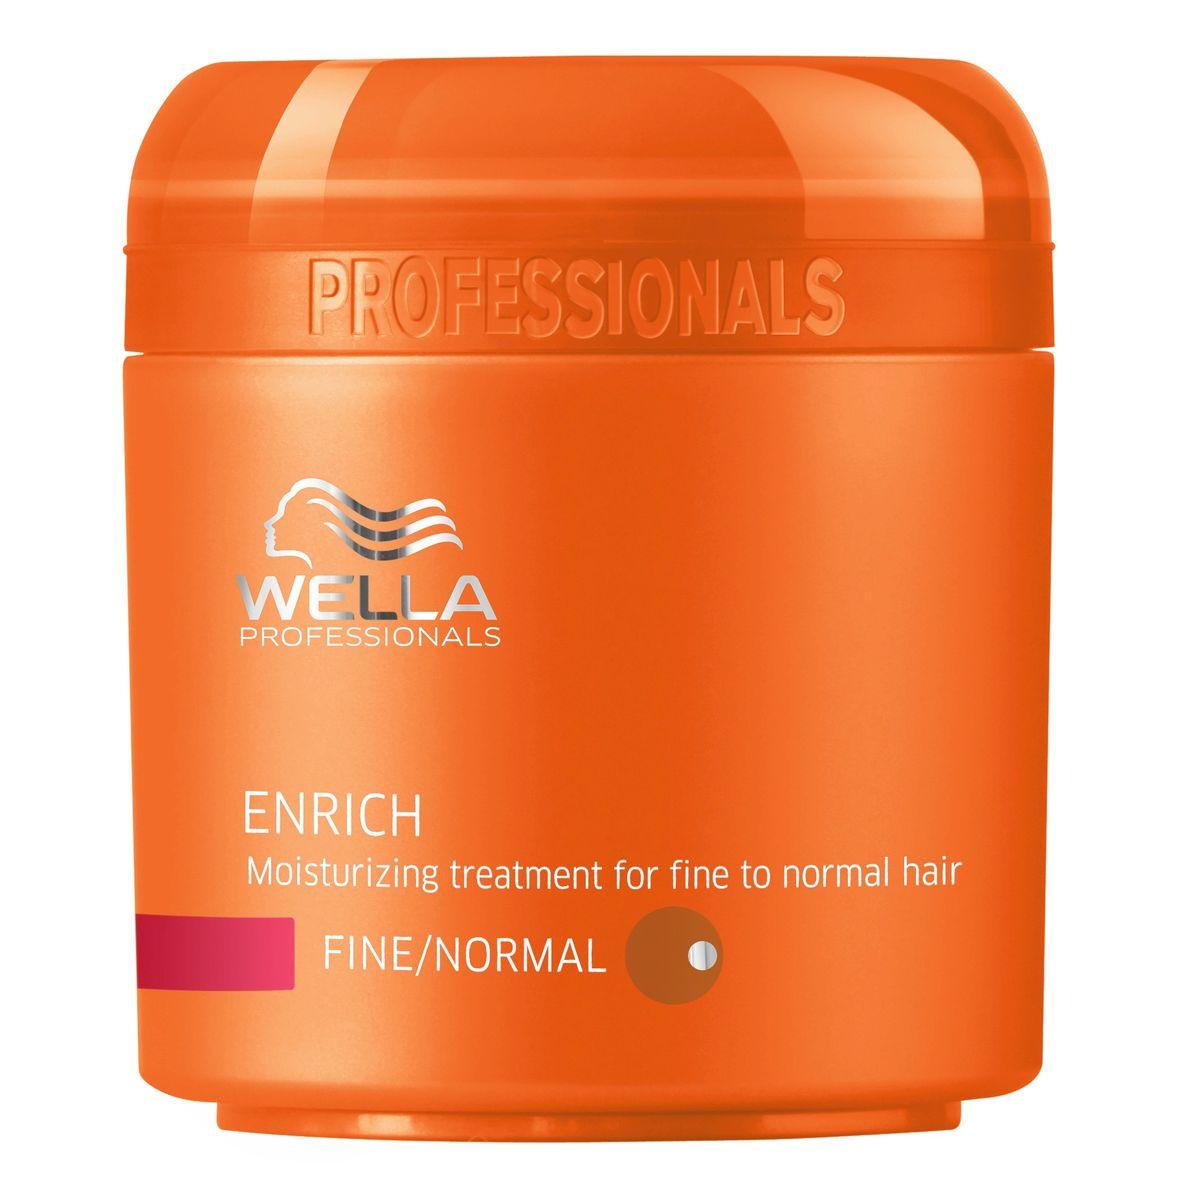 Wella Питательная крем-маска Enrich Line для нормальных и тонких волос, 150 млjf213220Для нормальных и тонких волос отлично подходит специальная питательная крем-маска от Wella, содержащая натуральные компоненты. Данное средство используют в тех случаях, когда необходимо придать локонам насыщенный блеск и эластичность. Маска восстанавливает поврежденные волосы любой длины, увлажняет их, и все благодаря входящему в состав экстракту шелка. Ваши волосы получают полноценный уход и защиту от внешнего негативного воздействия.Упругость, сила, сияющий цвет волос все это обеспечивает вашим волосам крем-маска Wella.